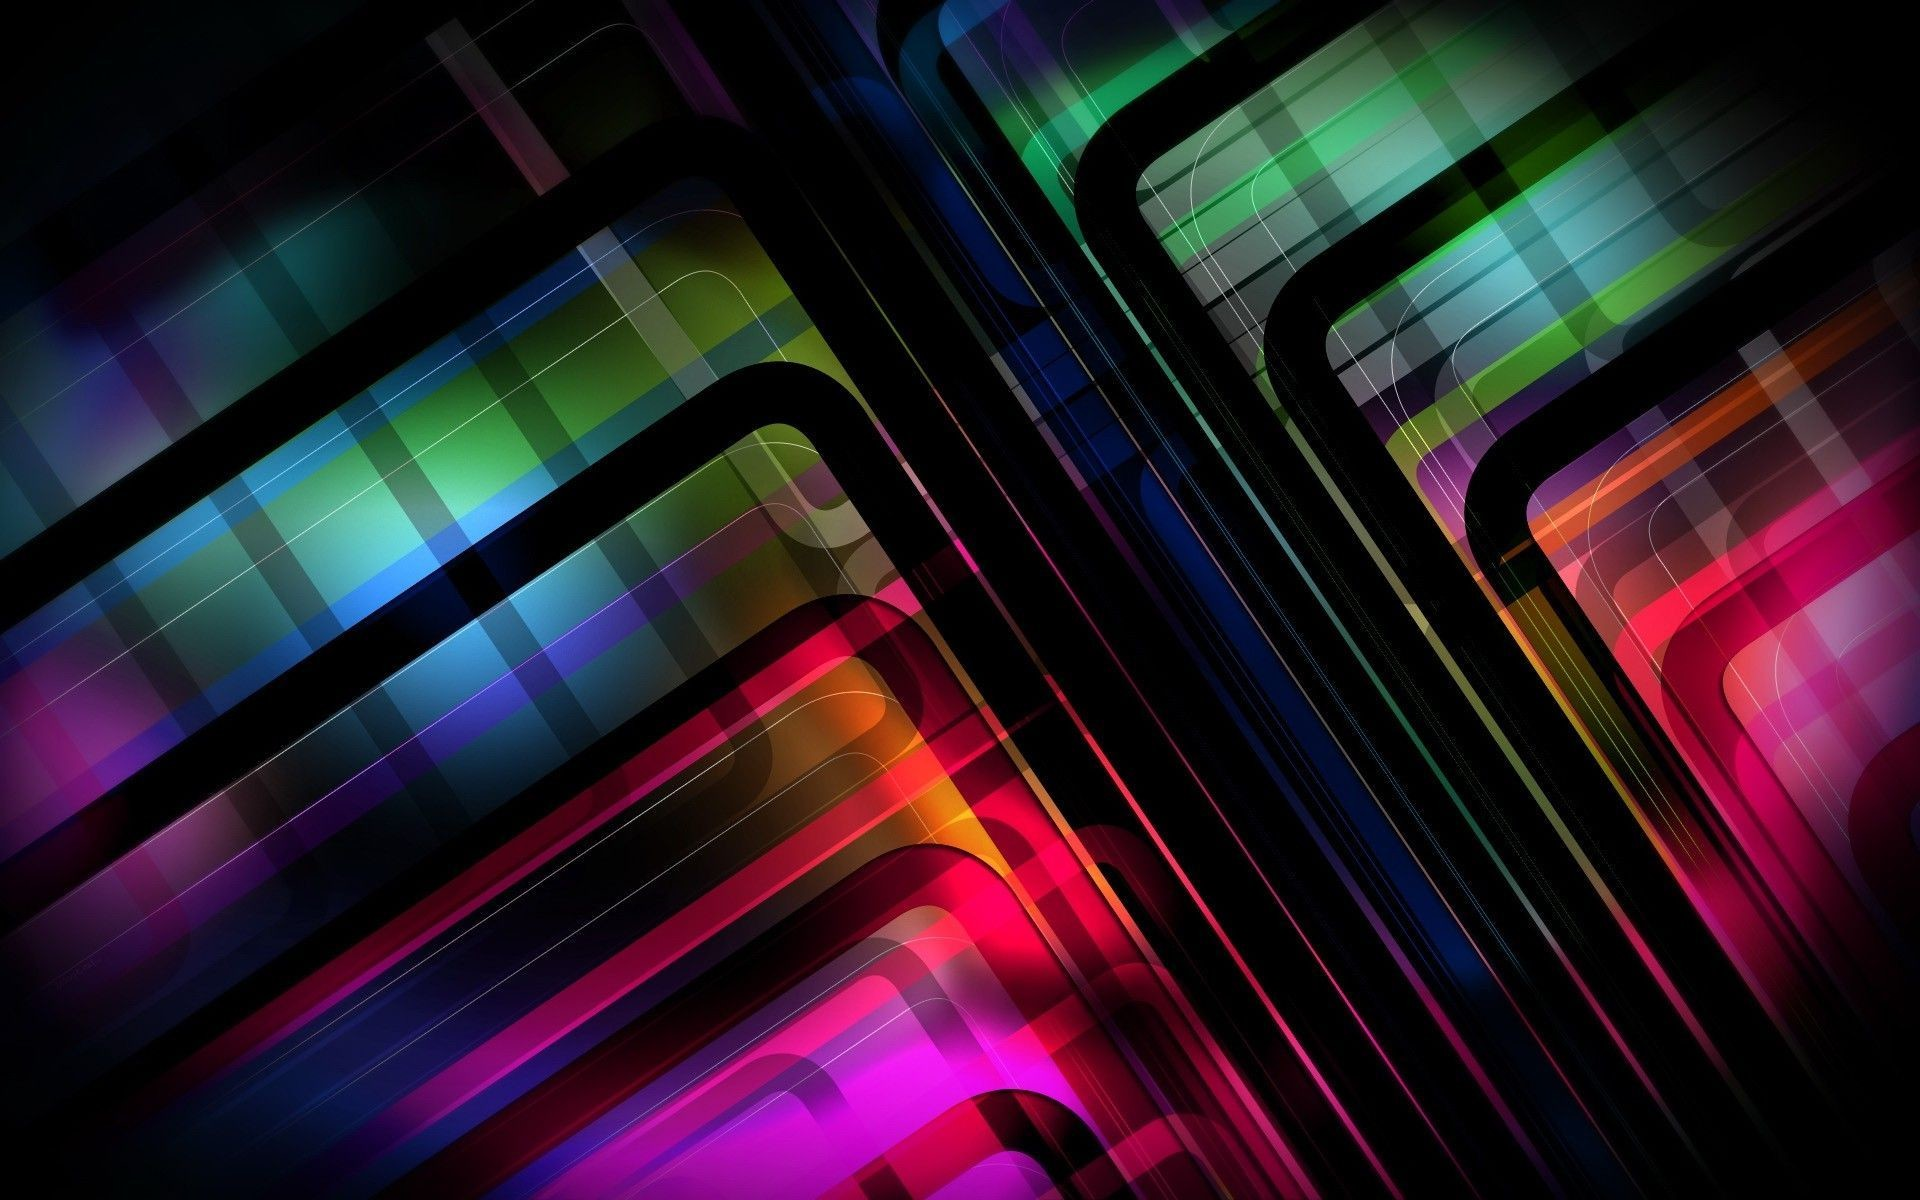 Neon Desktop Backgrounds (63+ images)